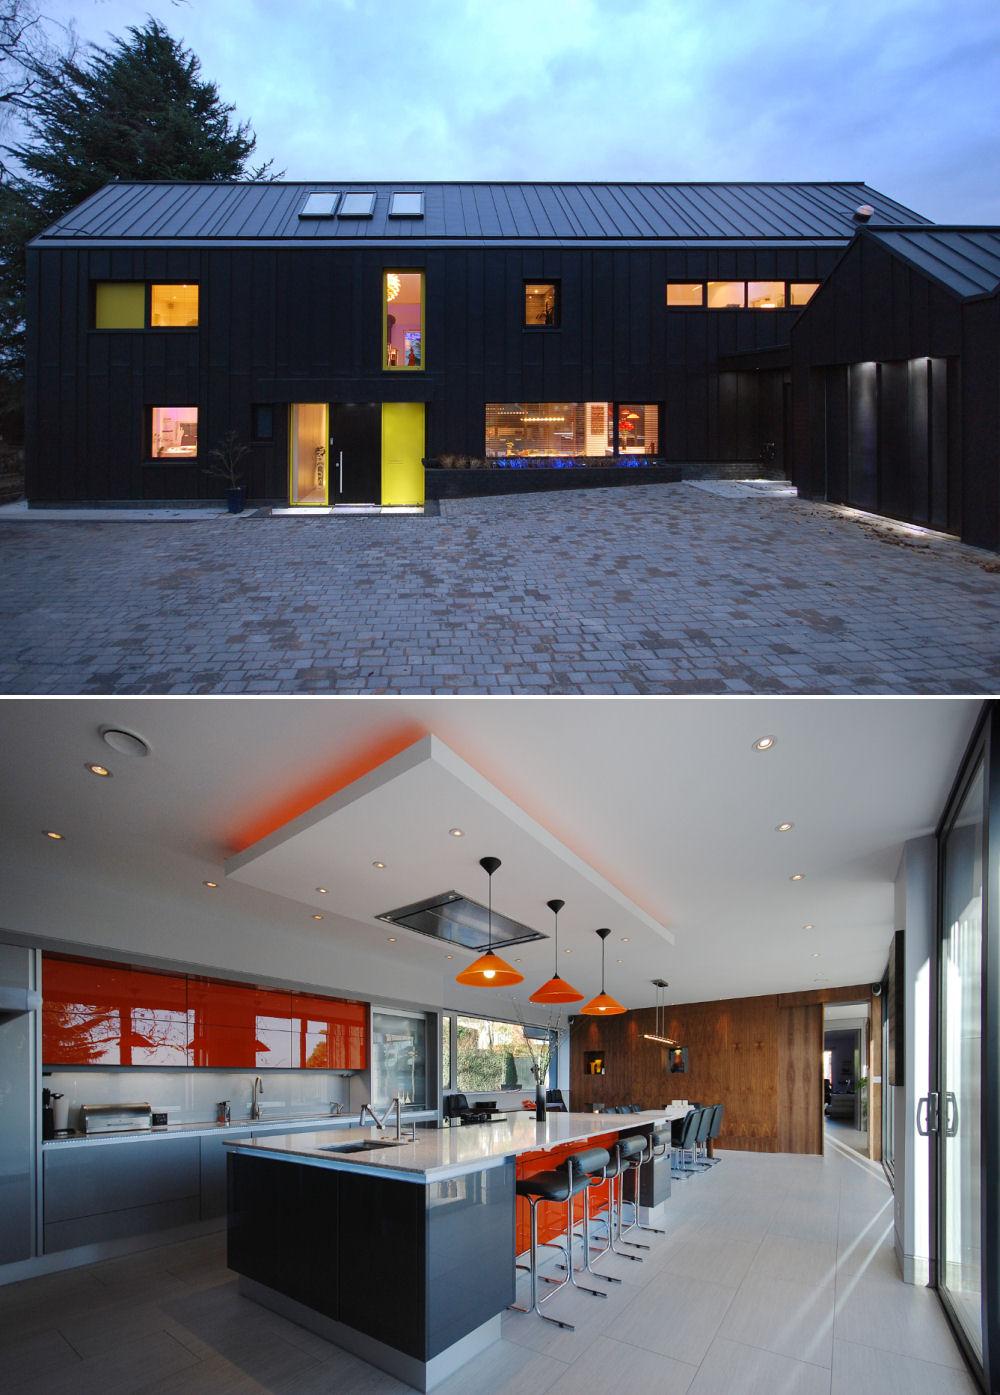 Casa construita in functie de colectia de arta ce trebuia sa o gazduiasca - Casa construita